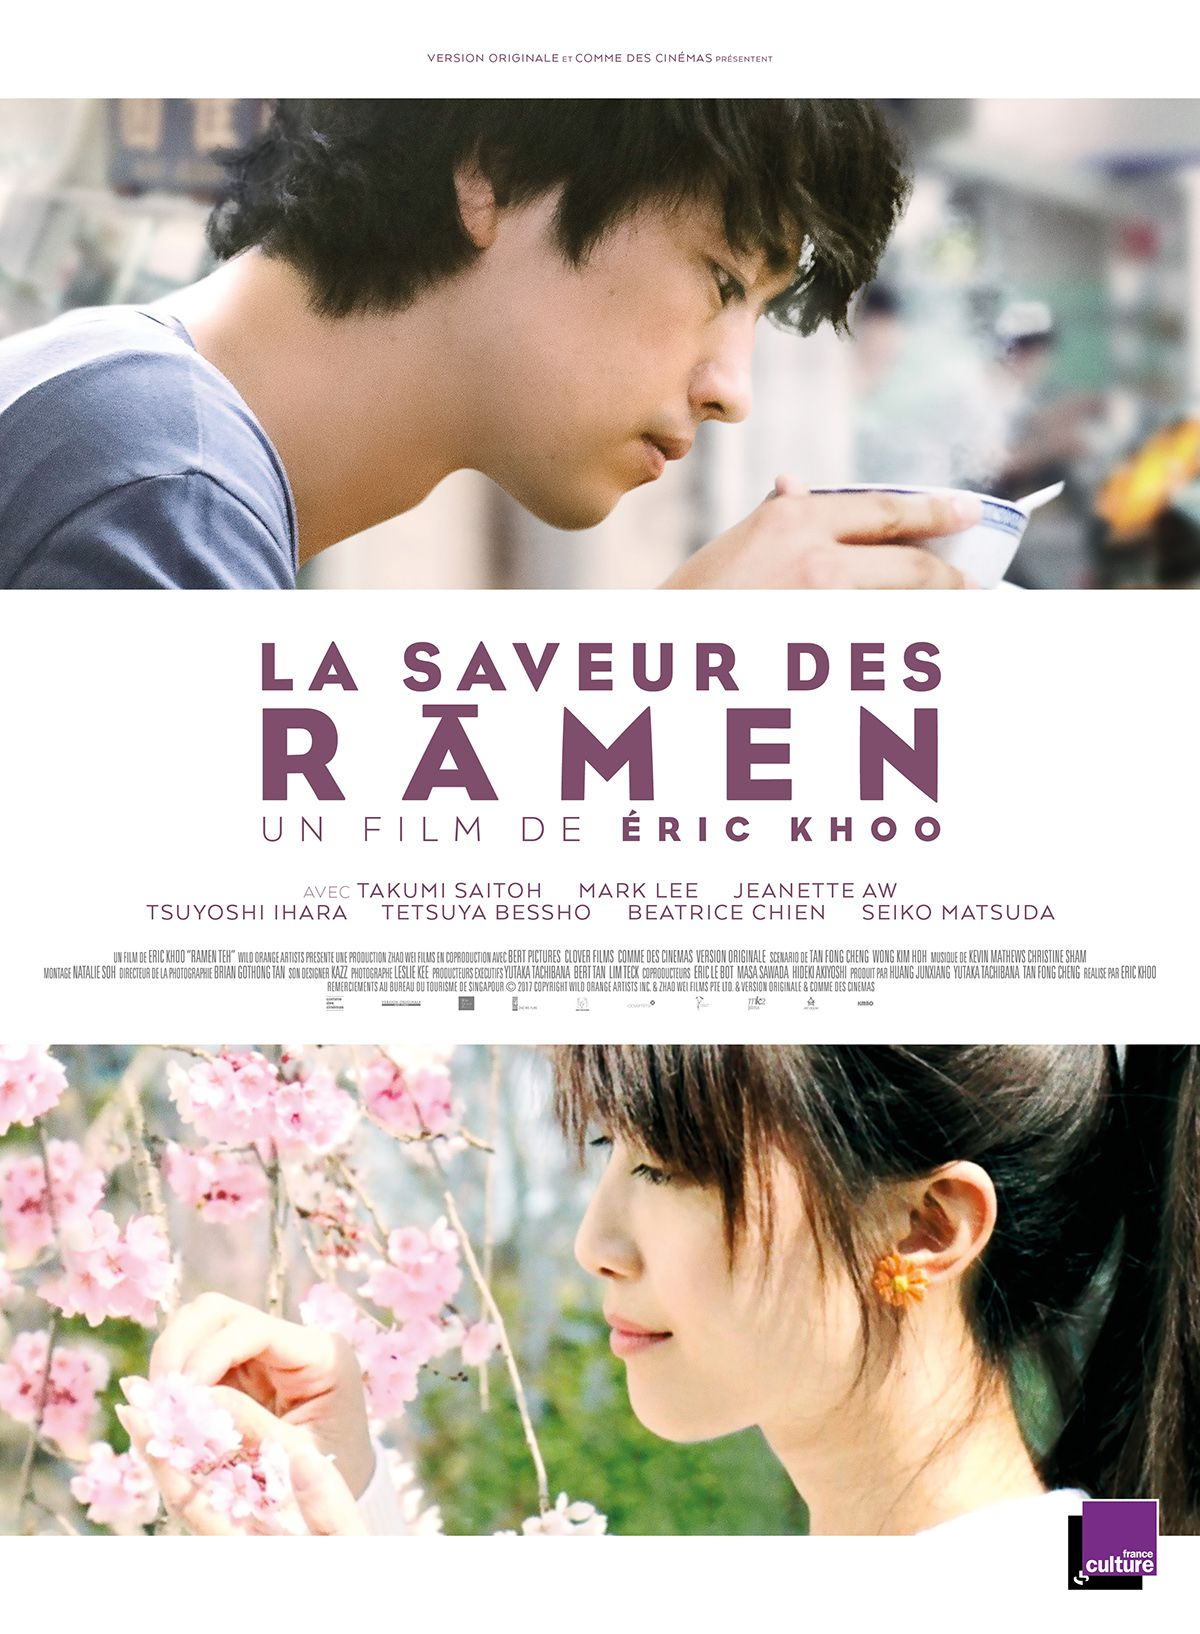 La Saveur des ramen - Film (2018)